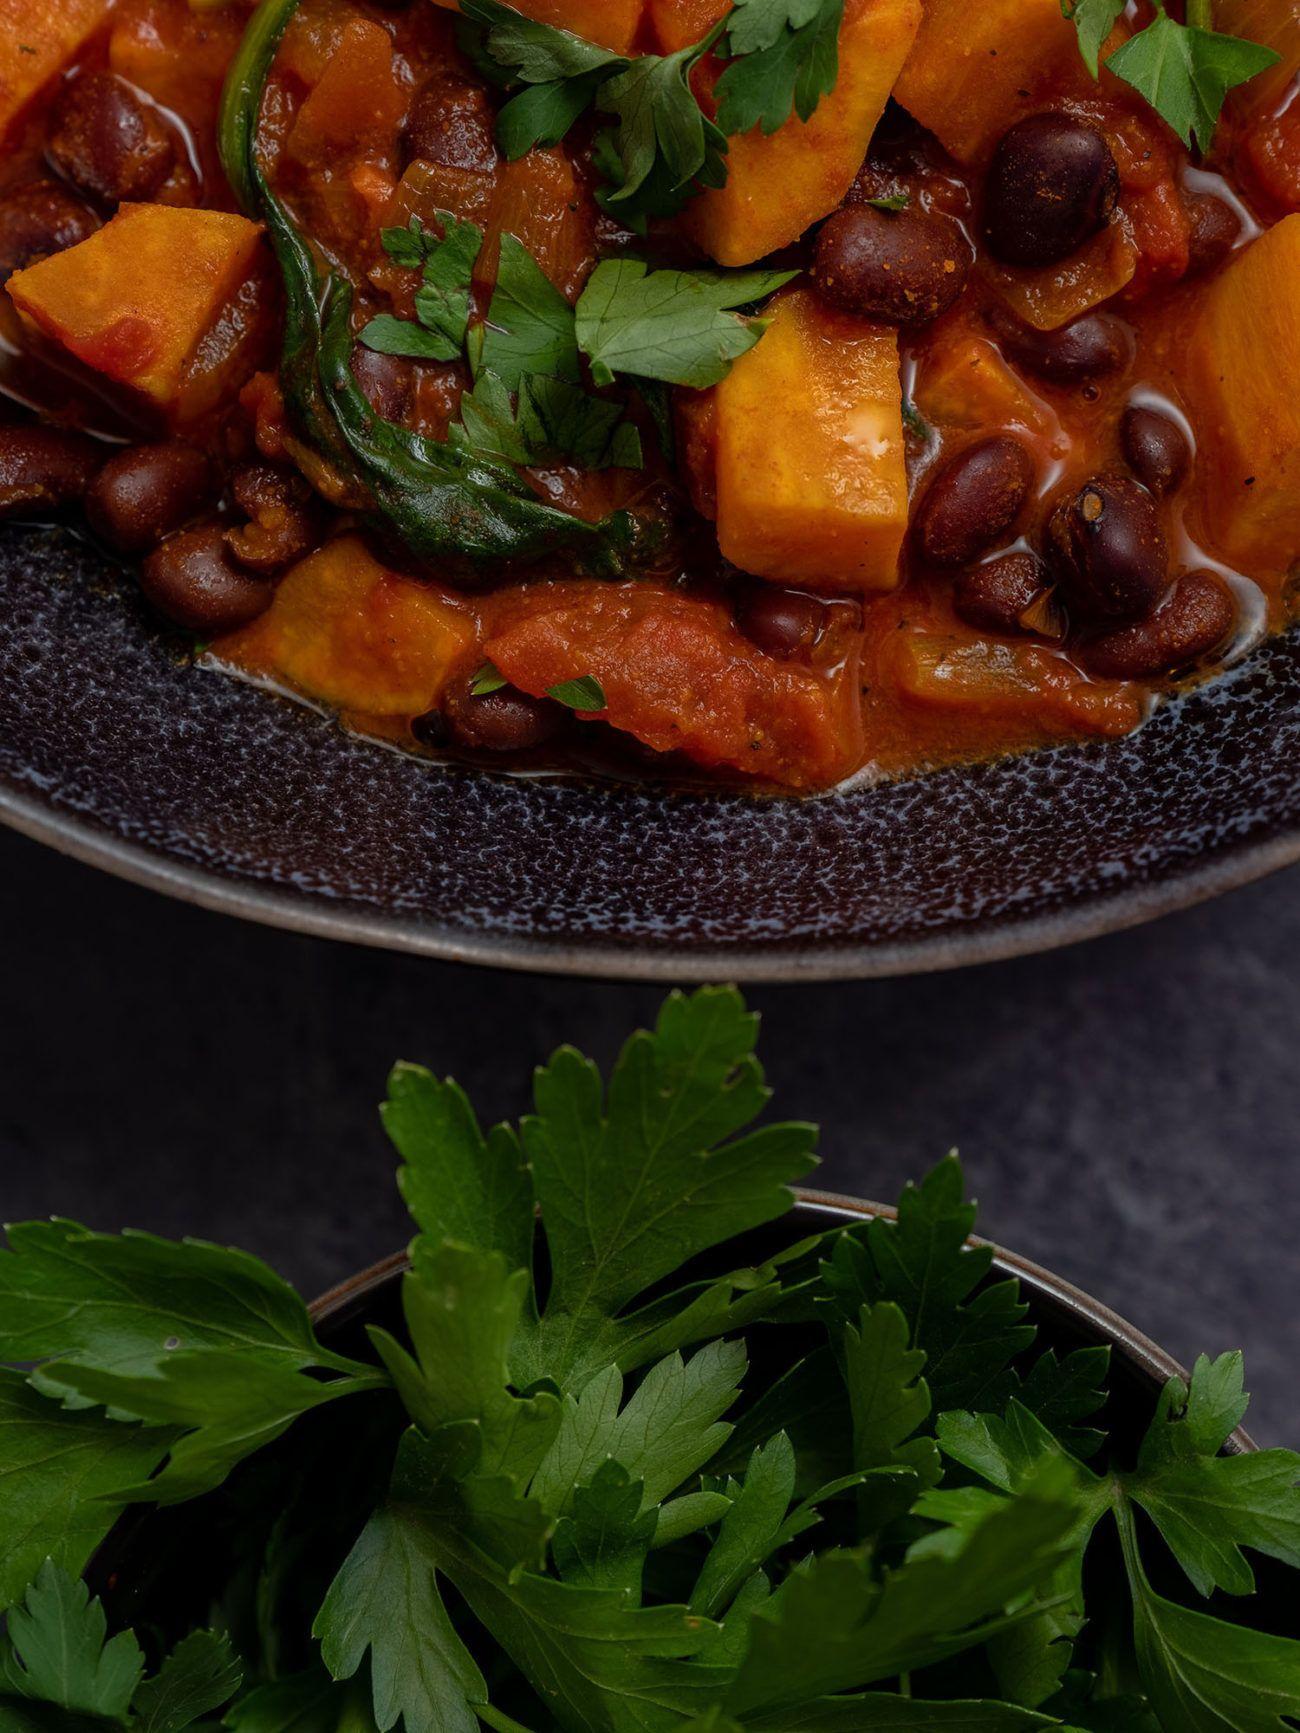 Rezept Süßkartoffeleintopf mit Kidney Bohnen und Spinat, Teller, Petersilie, Spinat, Kidney Bohnen